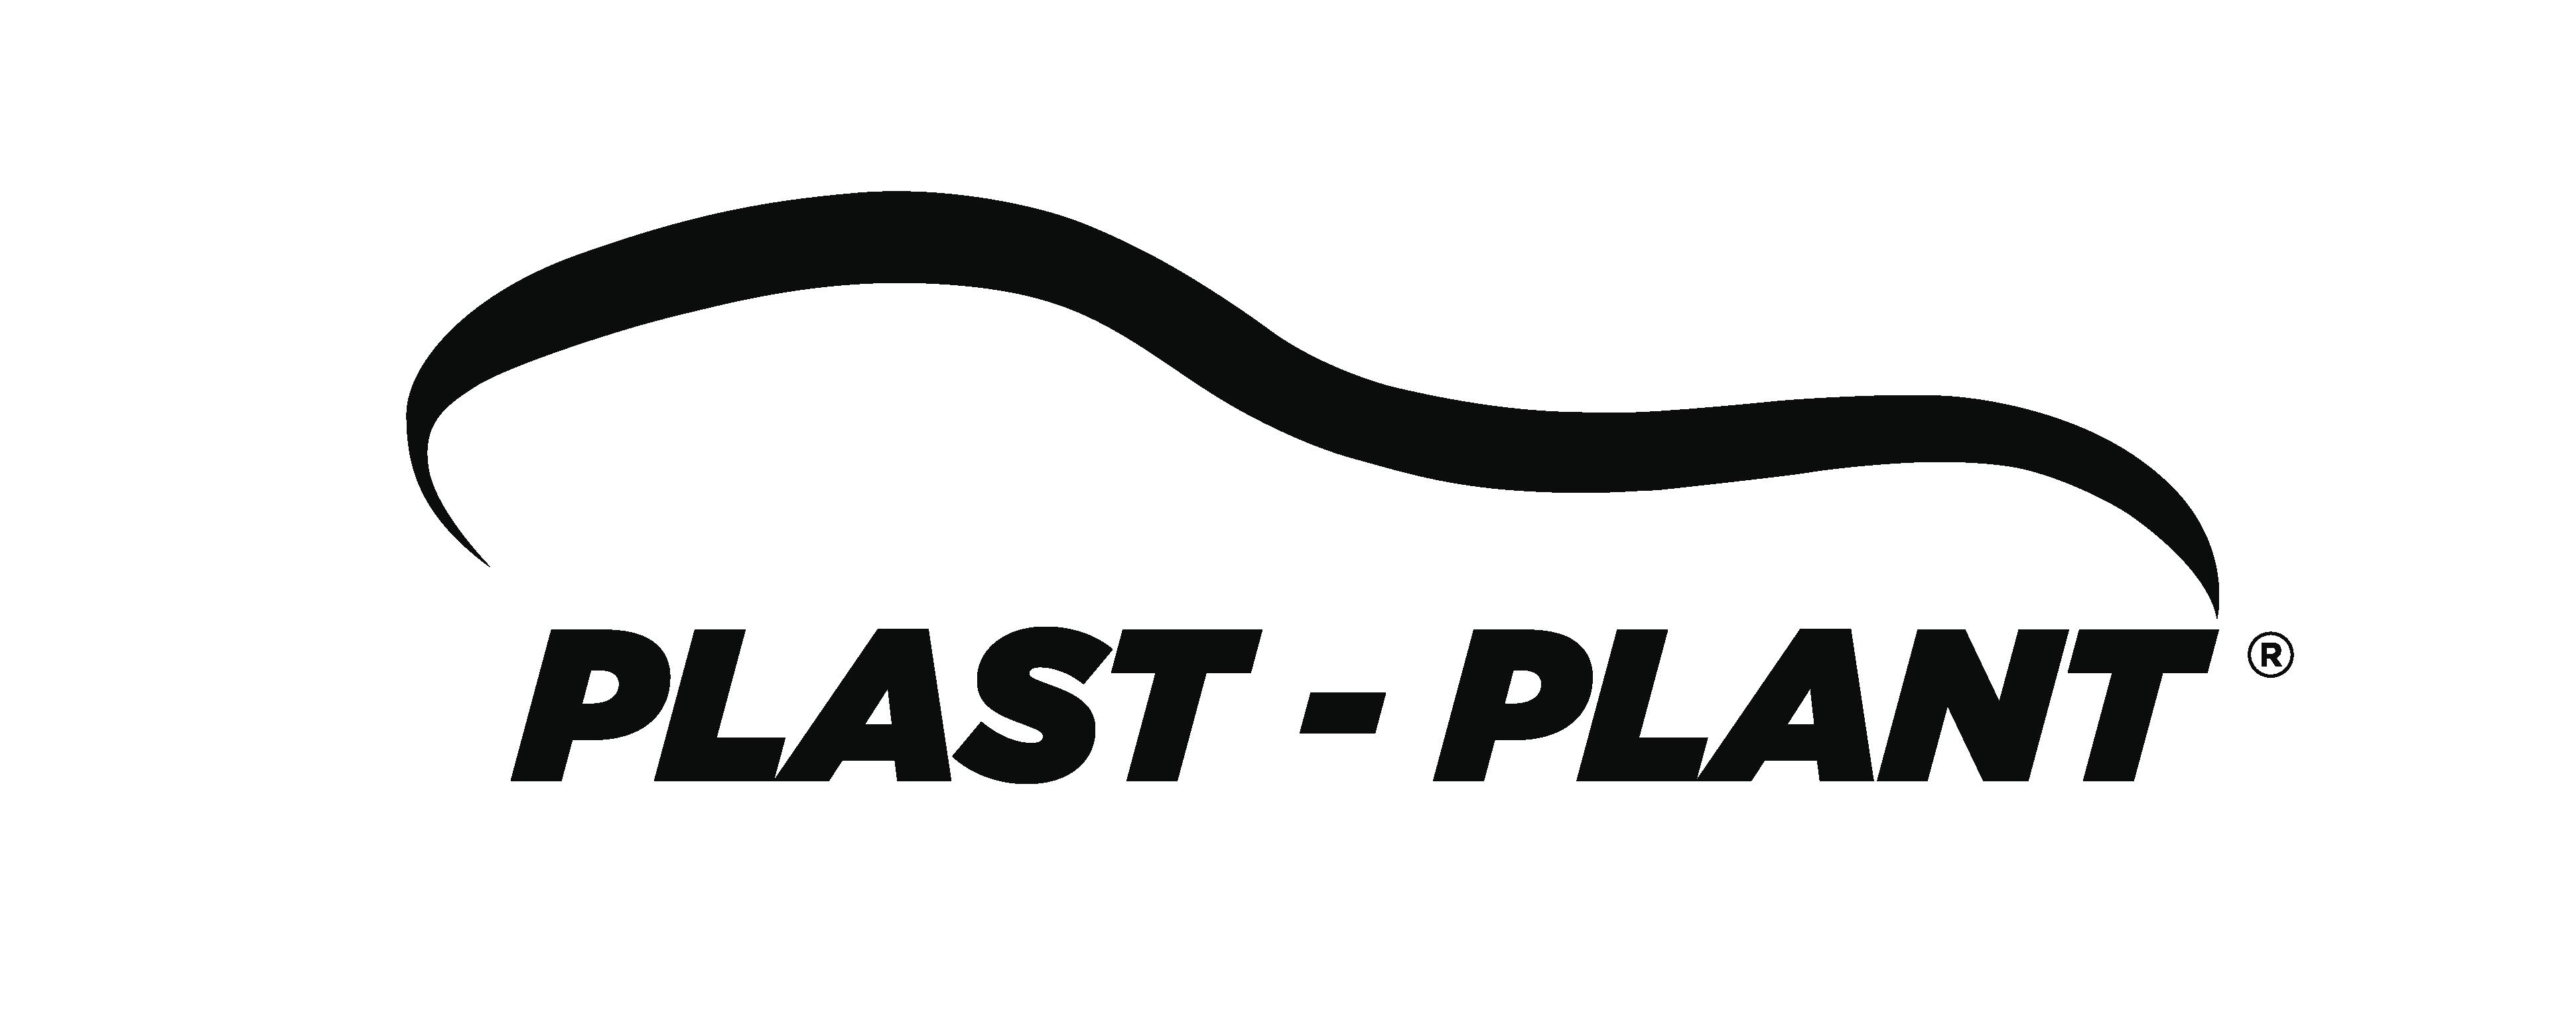 Plast-Plant Plantillas de armado inyectadas y artesanales